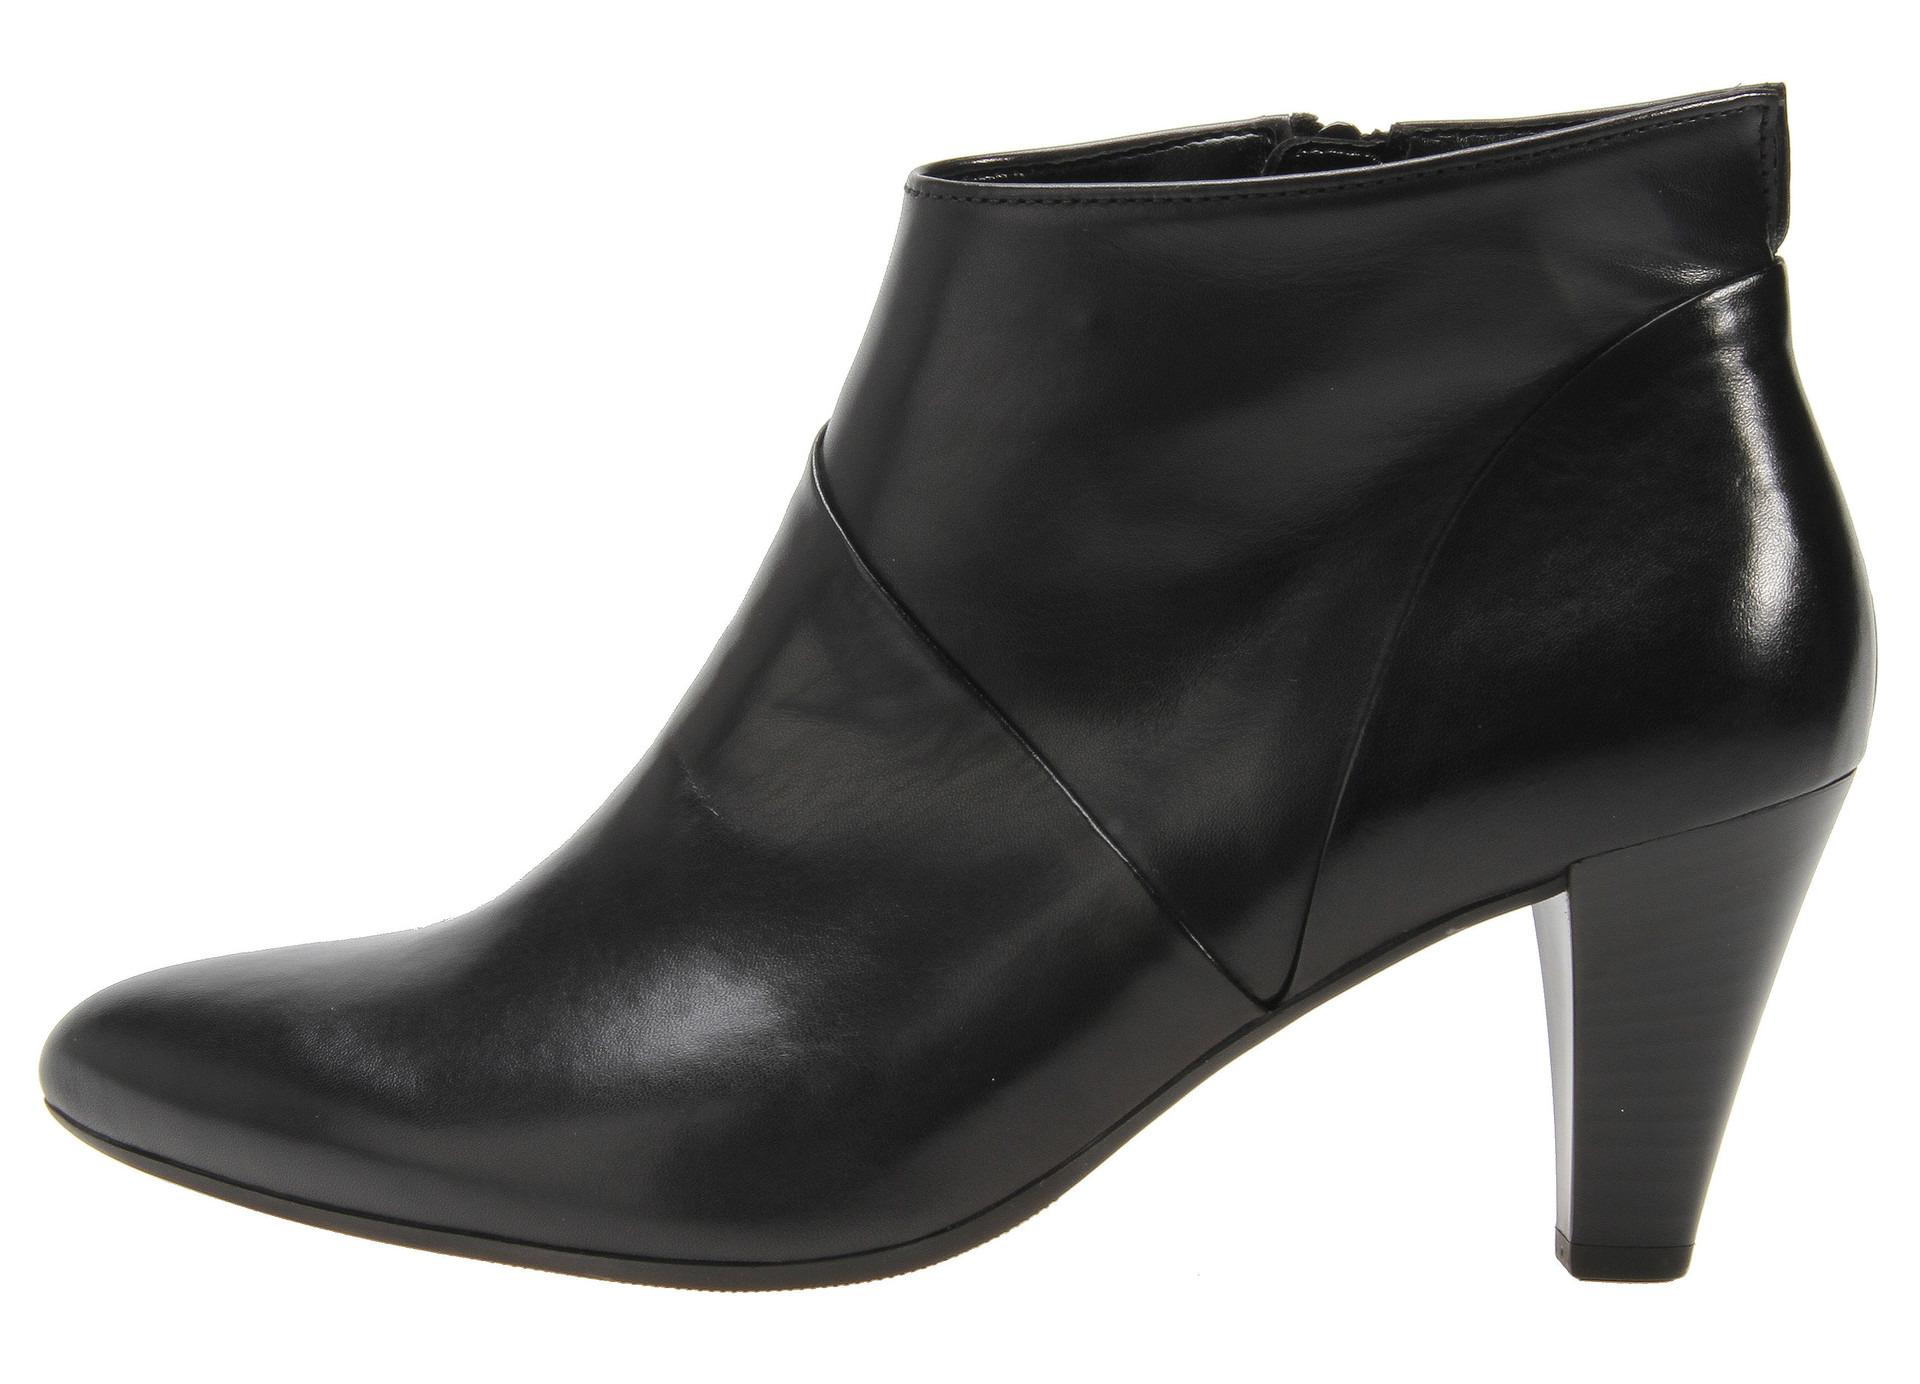 Soňa - Dámska obuv - Kotníčky - Čierne kožené členkové topánky na ... a858e891e0e